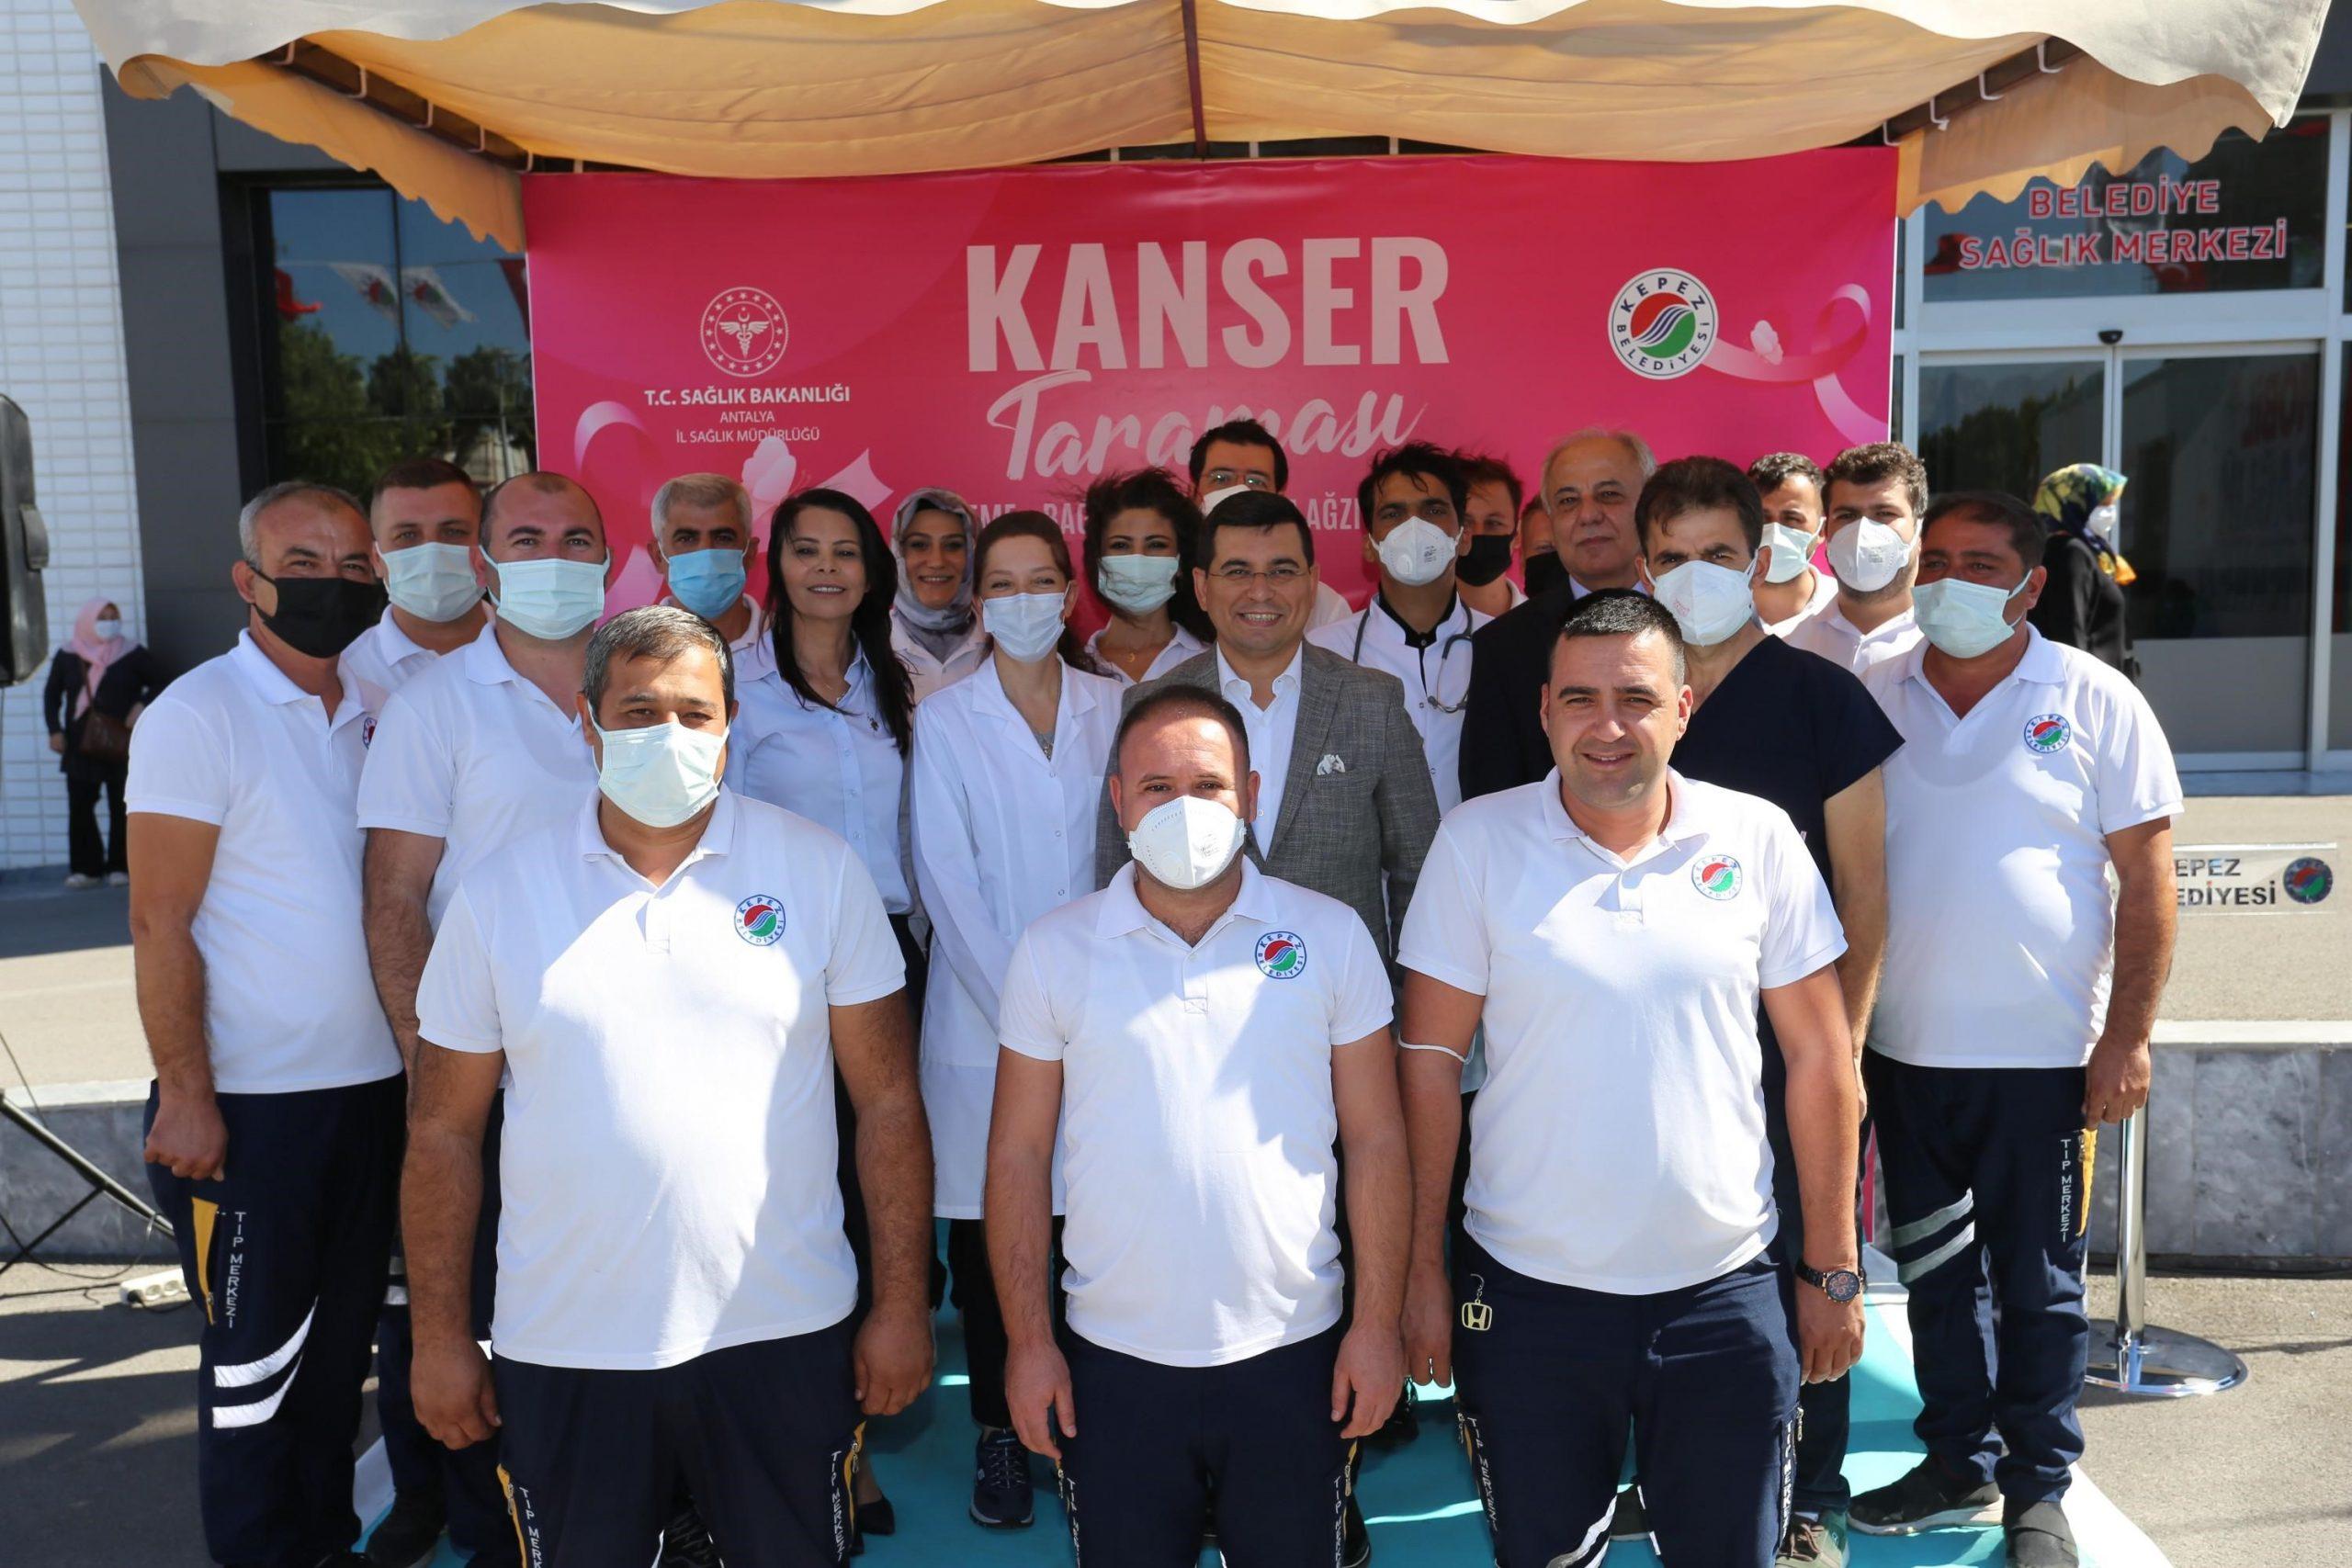 Kepez'de kanser taramaları başladı! 181 kadına erken tanı konuldu